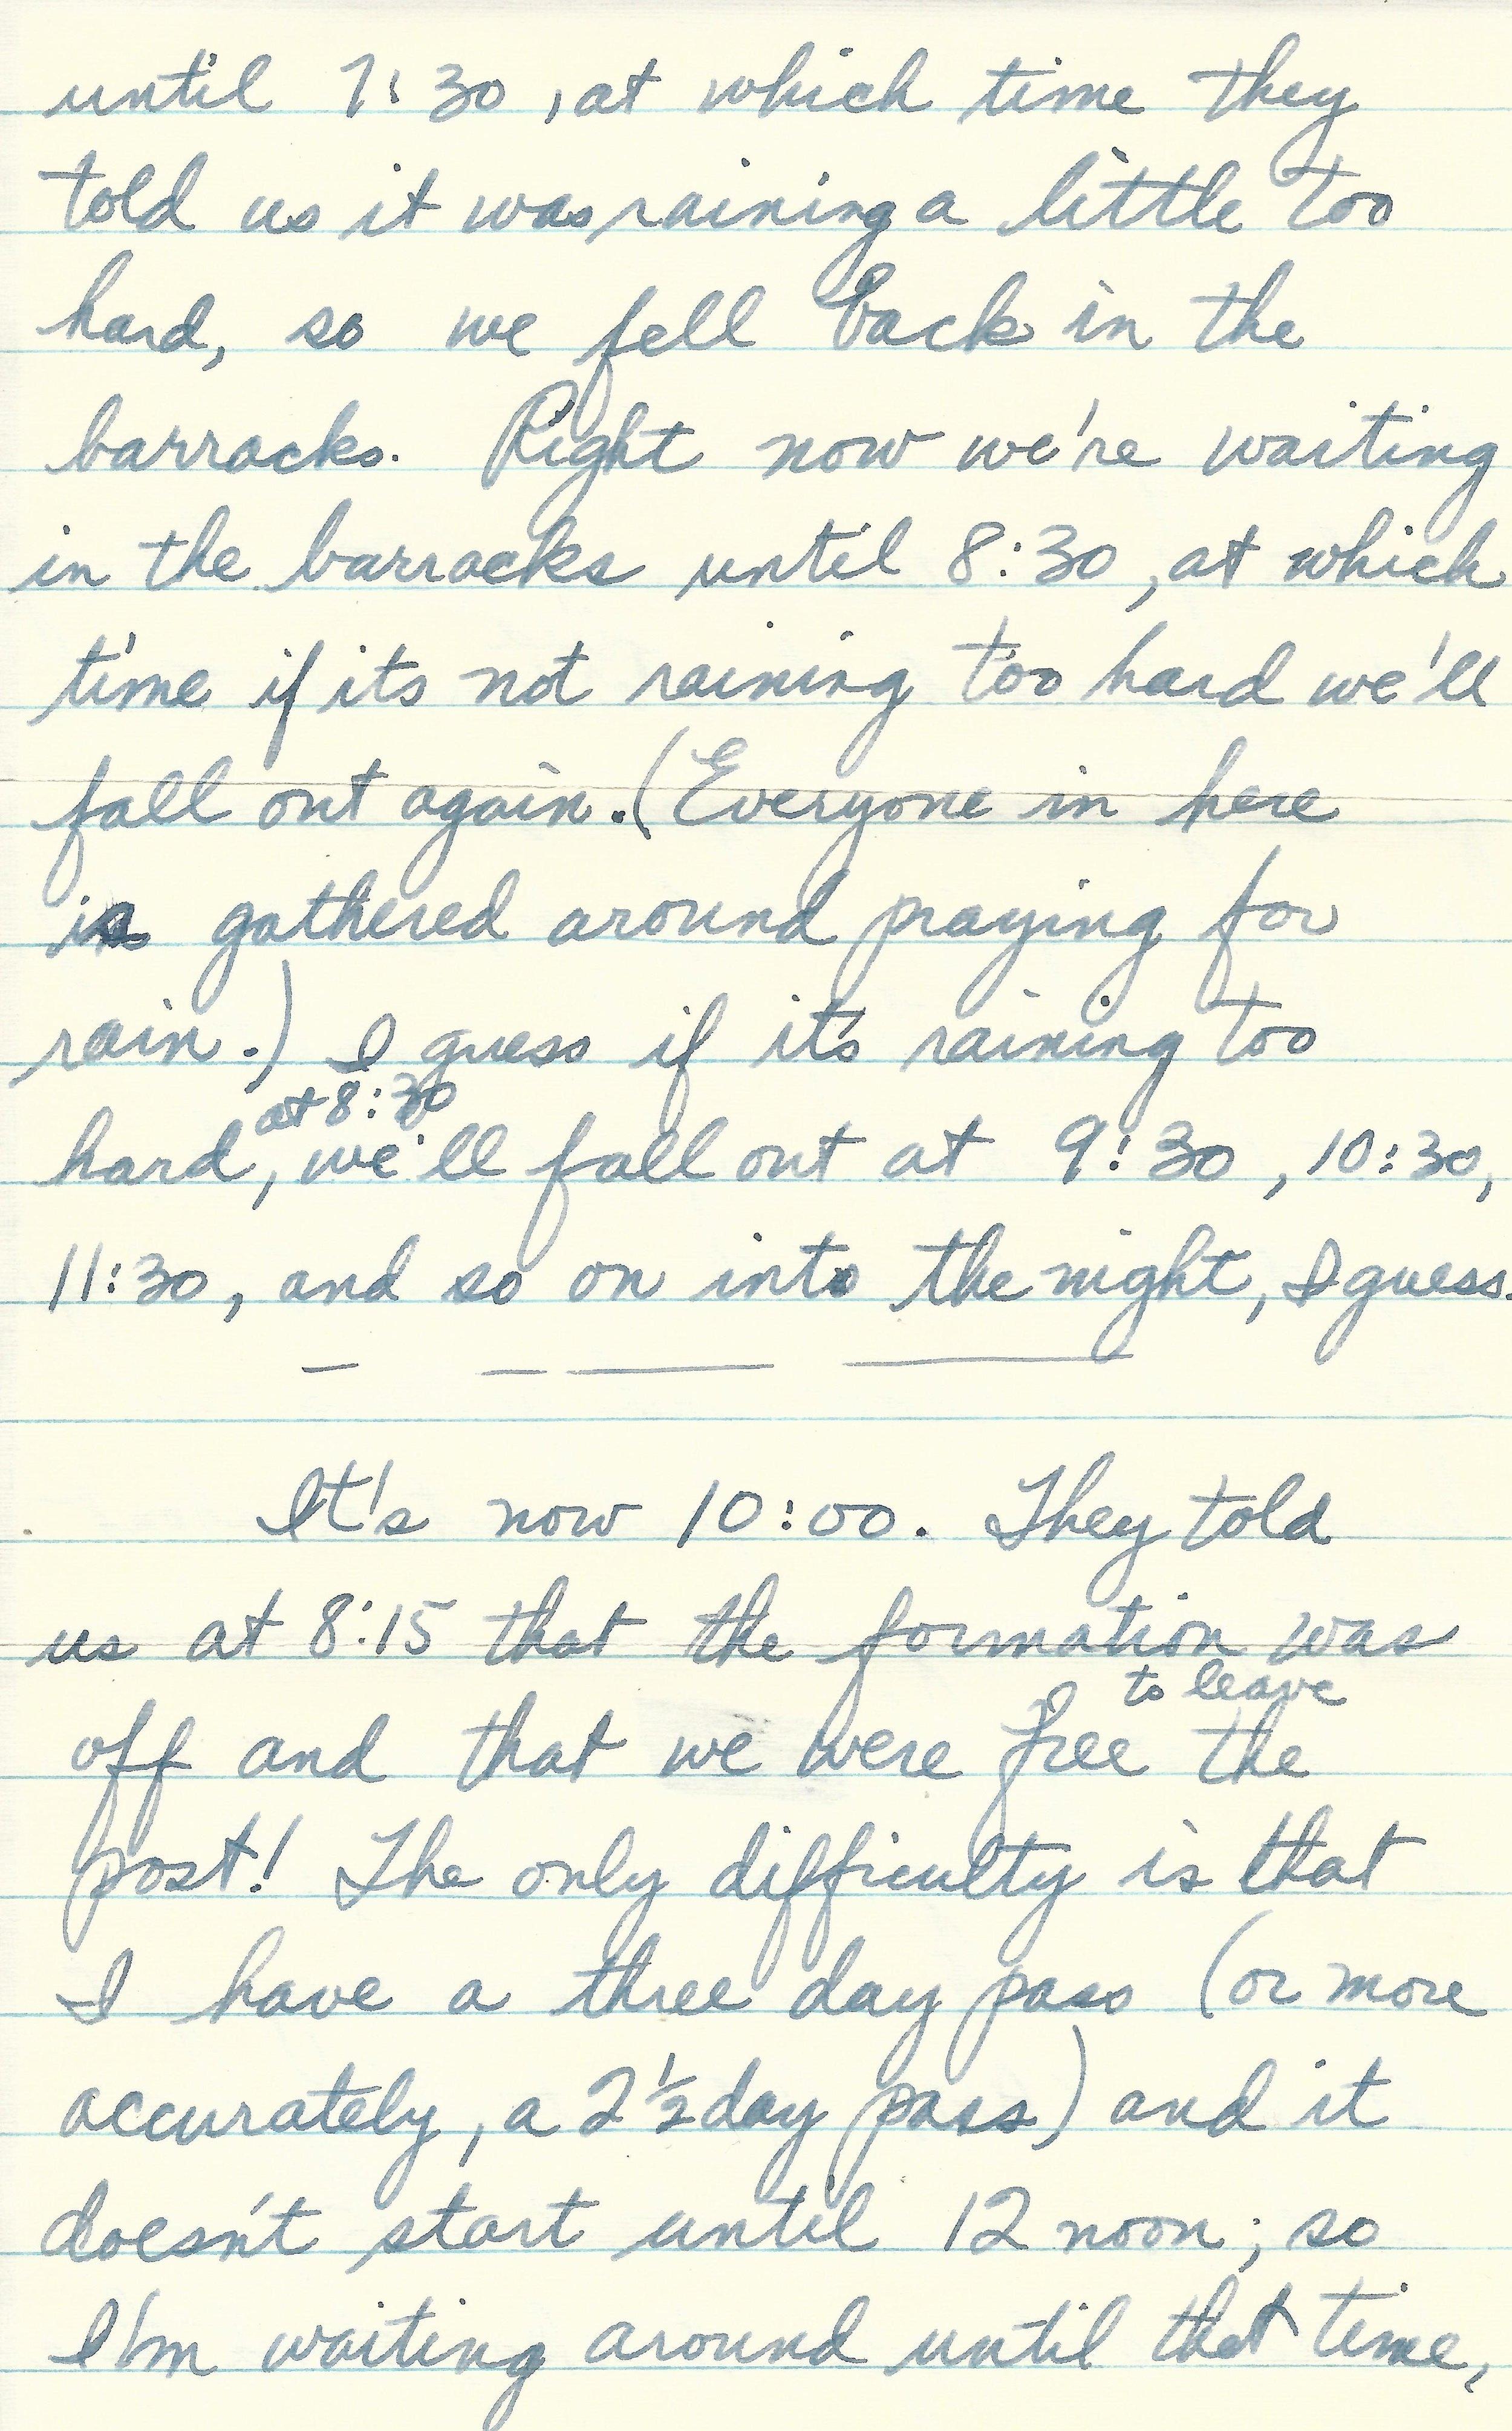 12. Jan. 24, 1953 (Opa)_Page_3.jpg